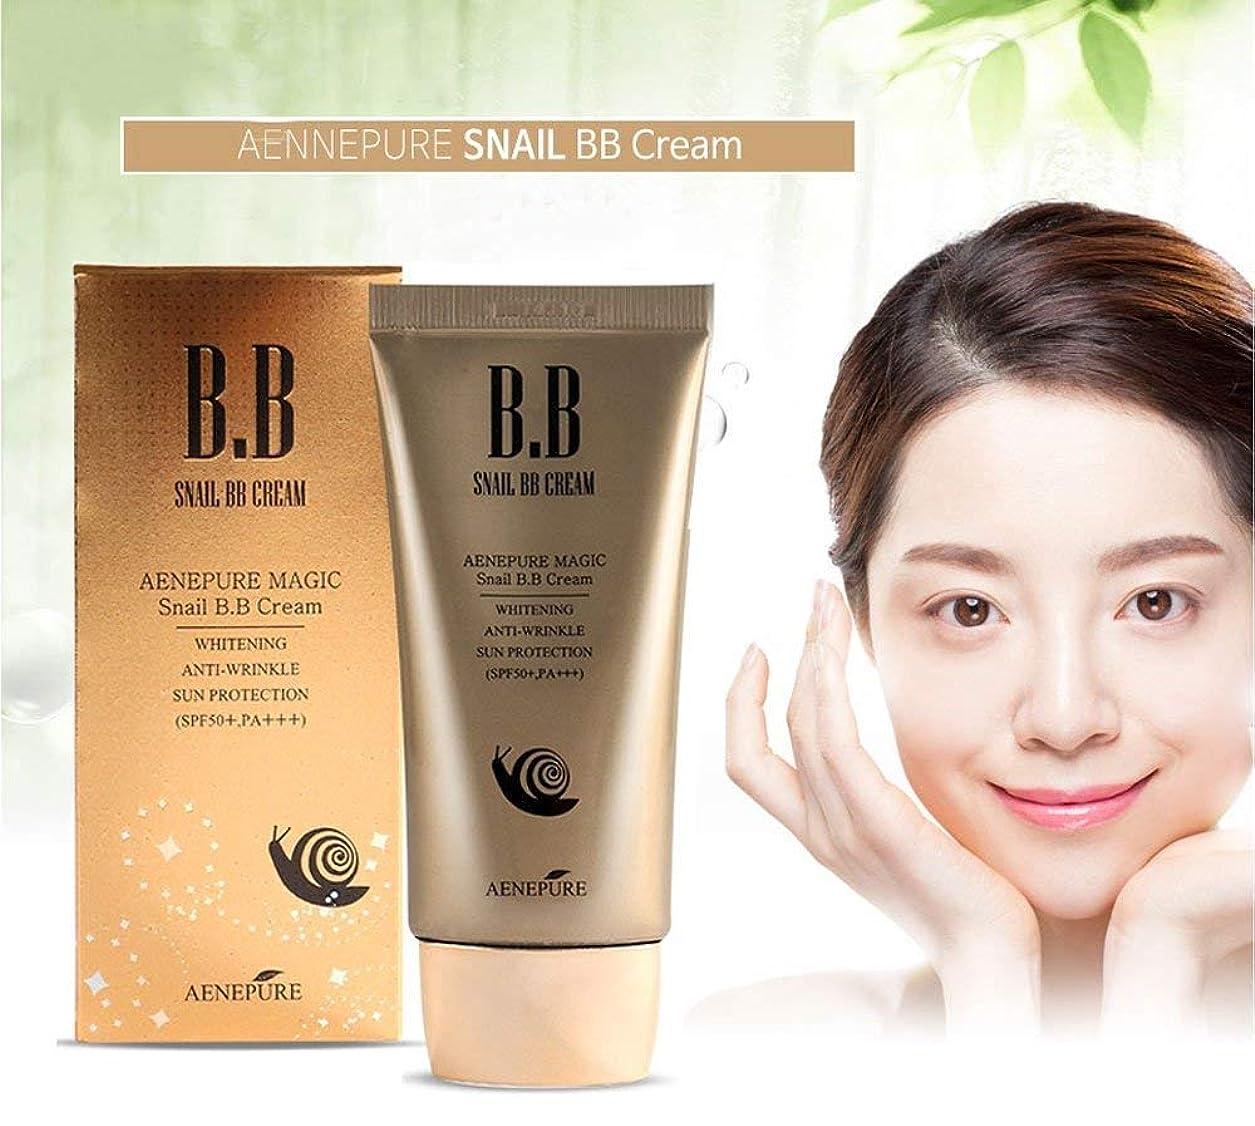 調子ファセット羊の服を着た狼[Aenepure] カタツムリBBクリームSPF50の+、PA +++ / Snail BB cream SPF50+, PA +++ / ホワイトニング、アンチリンクル、日焼け防止 / Whitening, Anti-Wrinkle,Sun protection / 韓国化粧品 / Korean Cosmetics [並行輸入品]